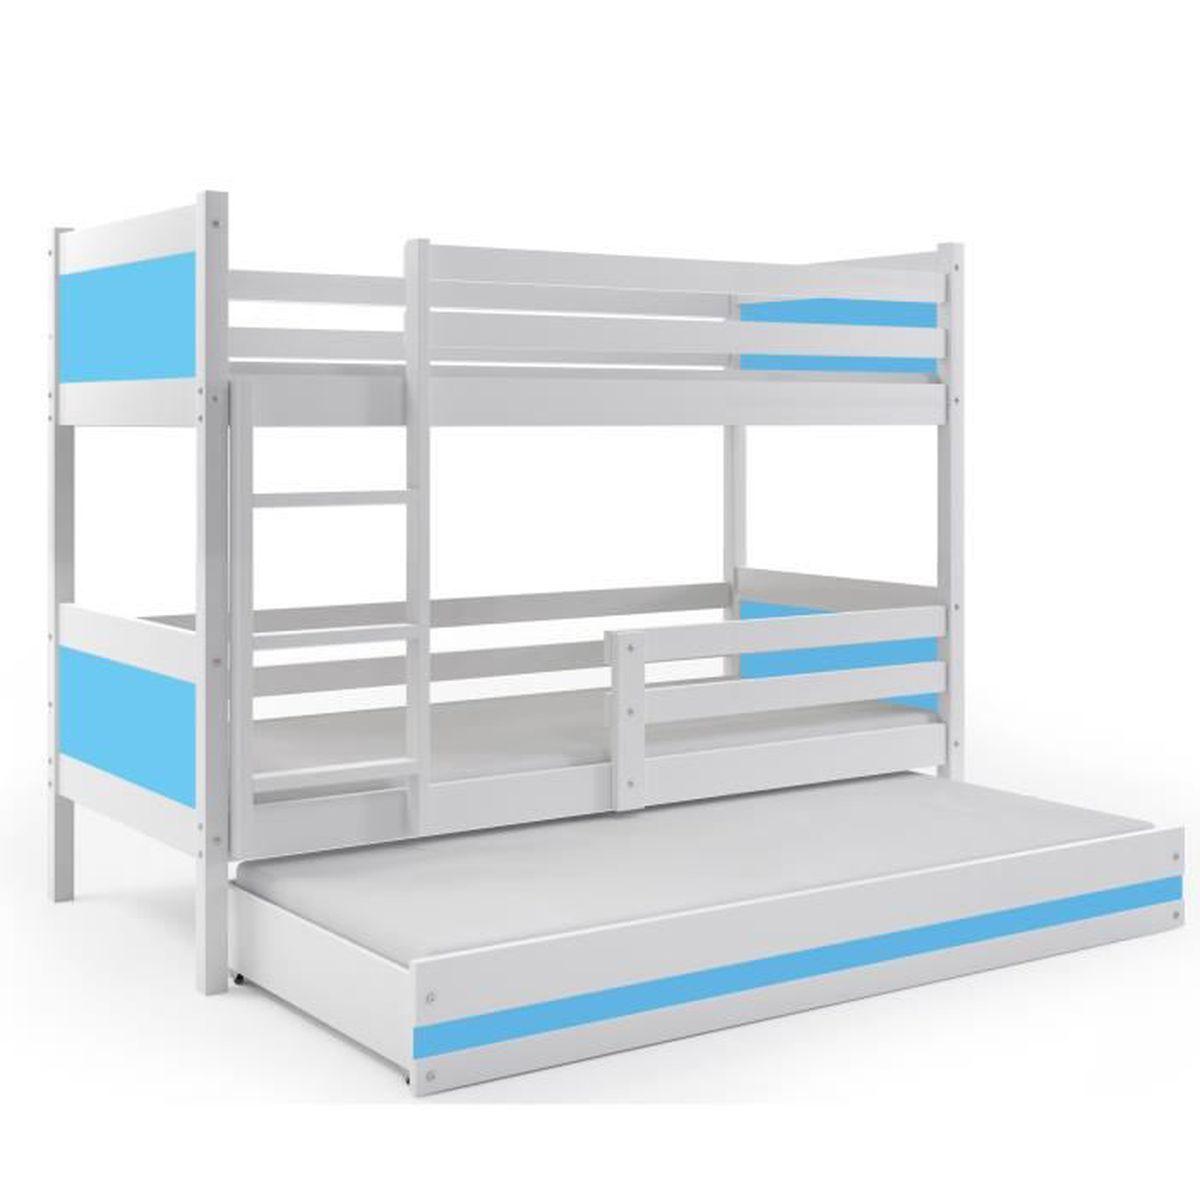 Lit superpos 3 places rino 190x80 blanc bleu couleurs mdf avec sommiers et m - Lit 2 places avec sommier et matelas ...